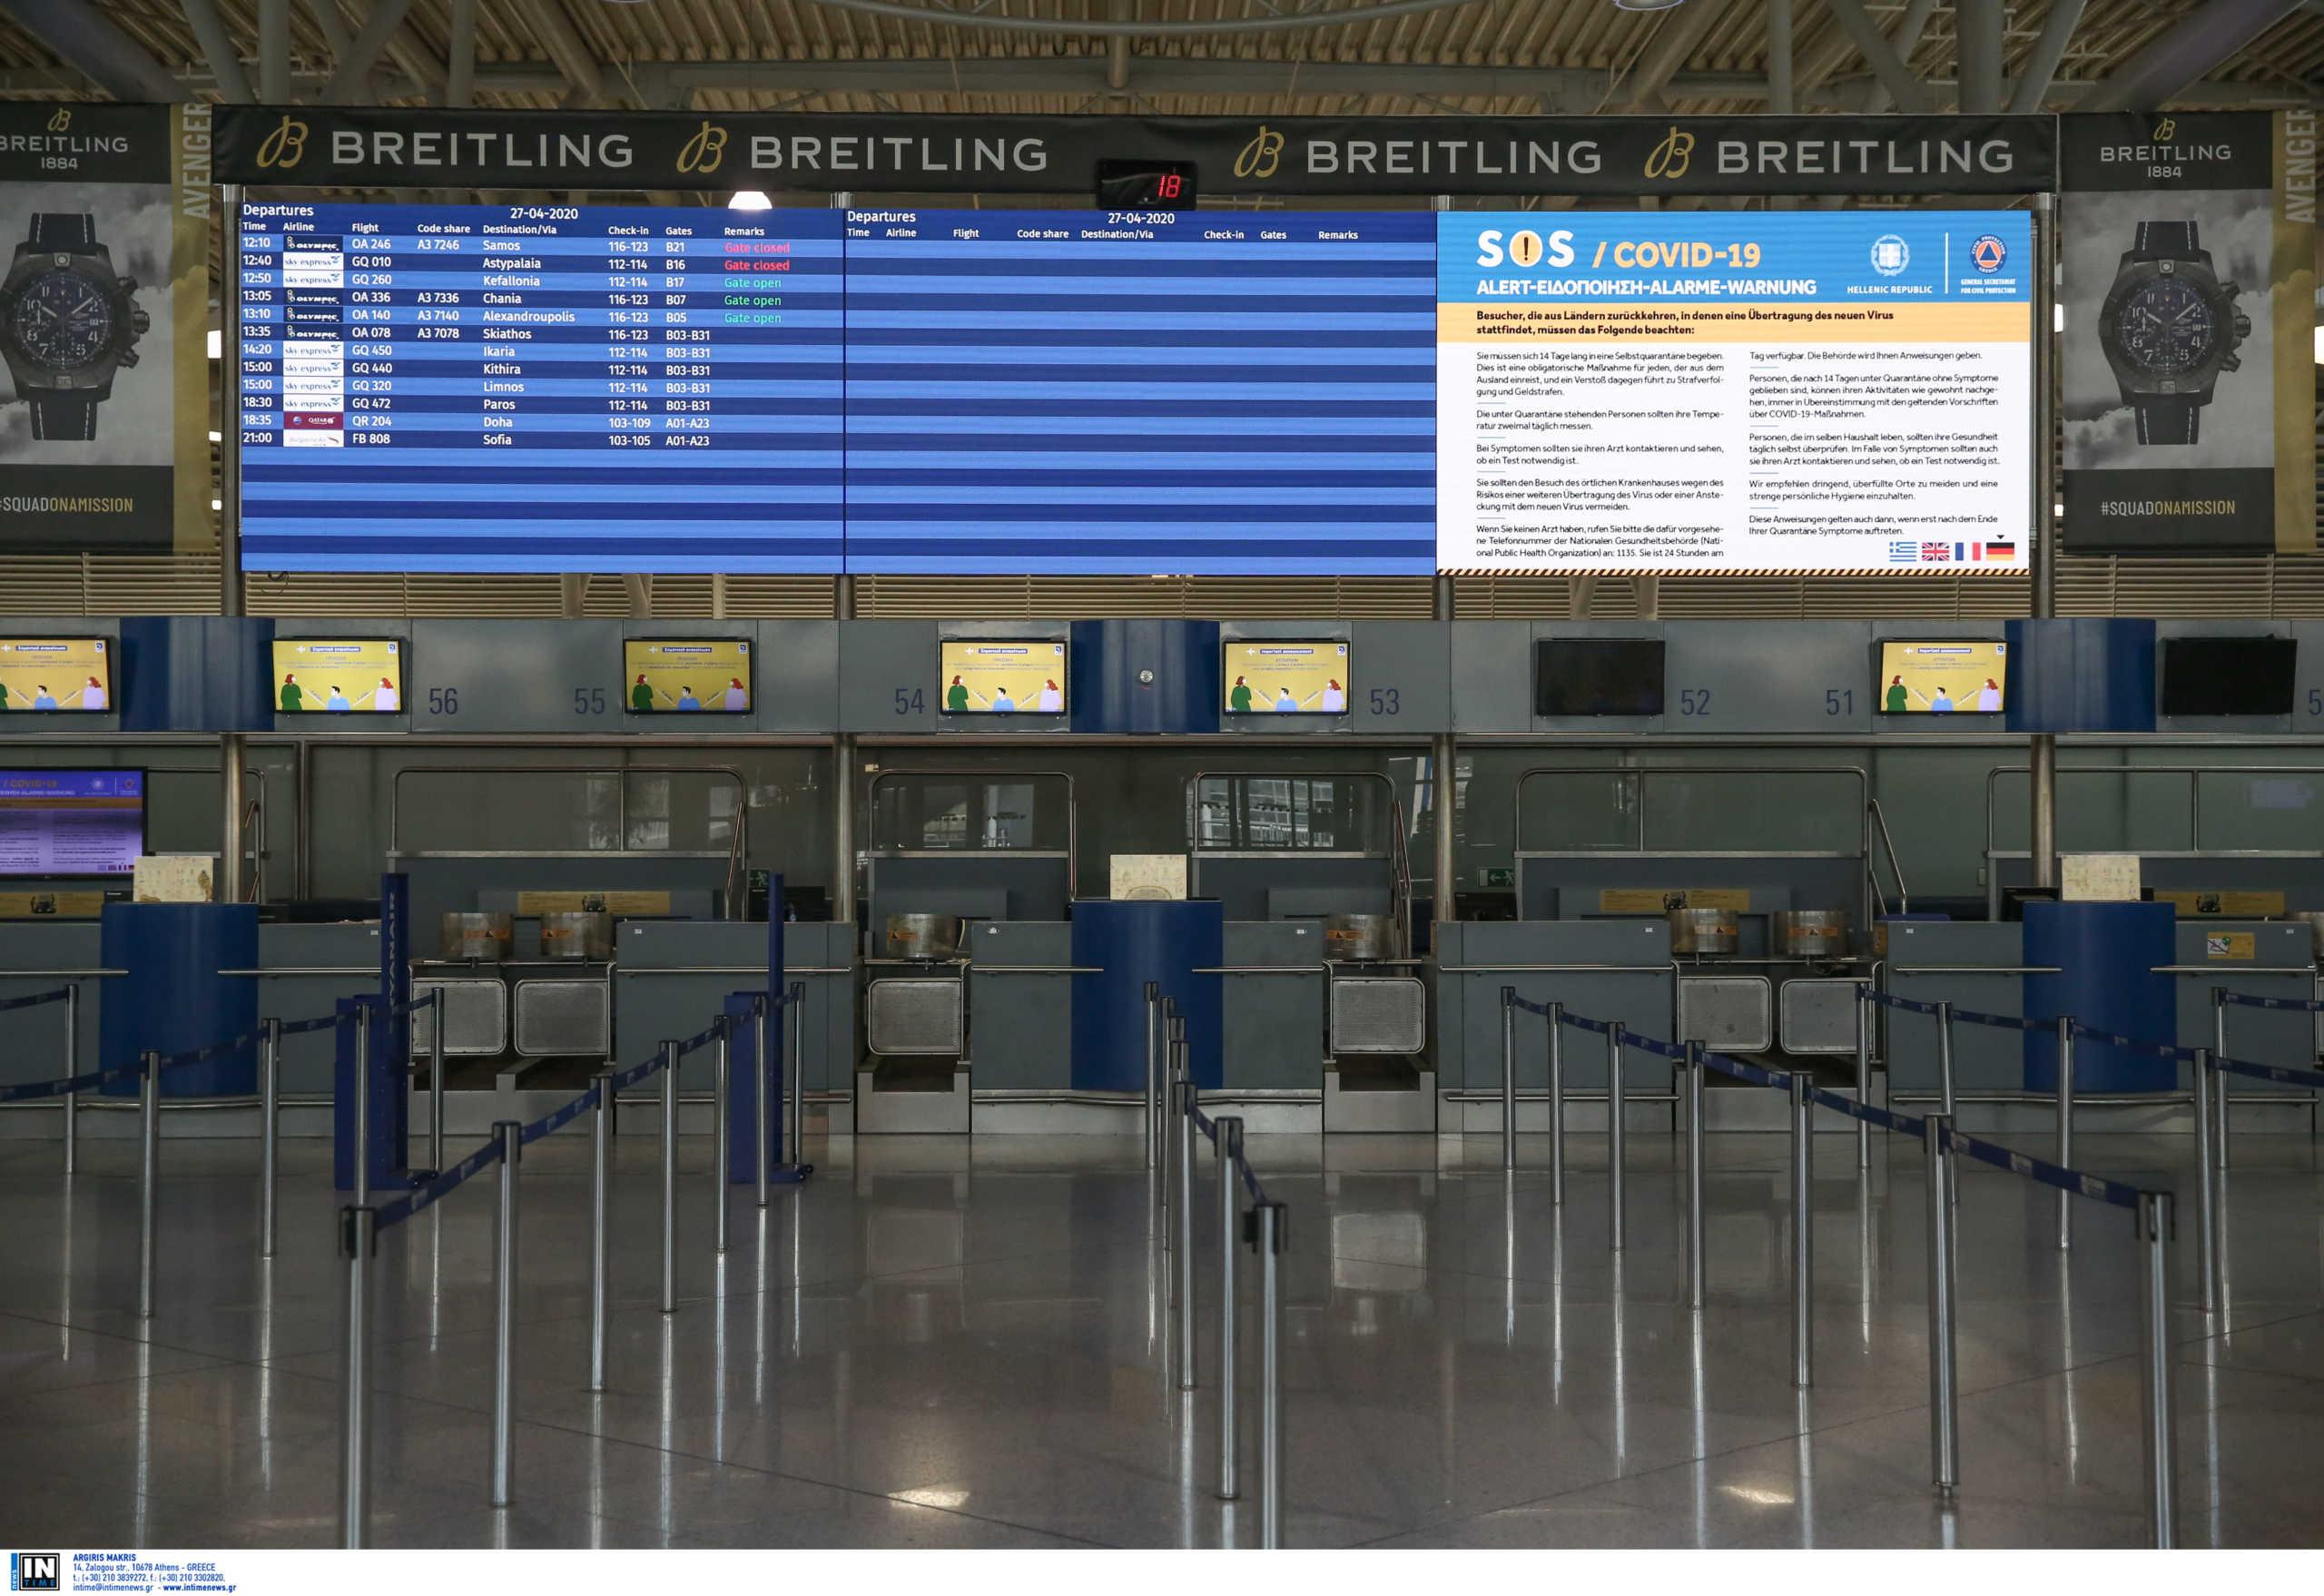 Πτήσεις: Έως τέλος Μαΐου υποχρεωτική καραντίνα 14 ημερών για όσους φτάνουν στην Ελλάδα